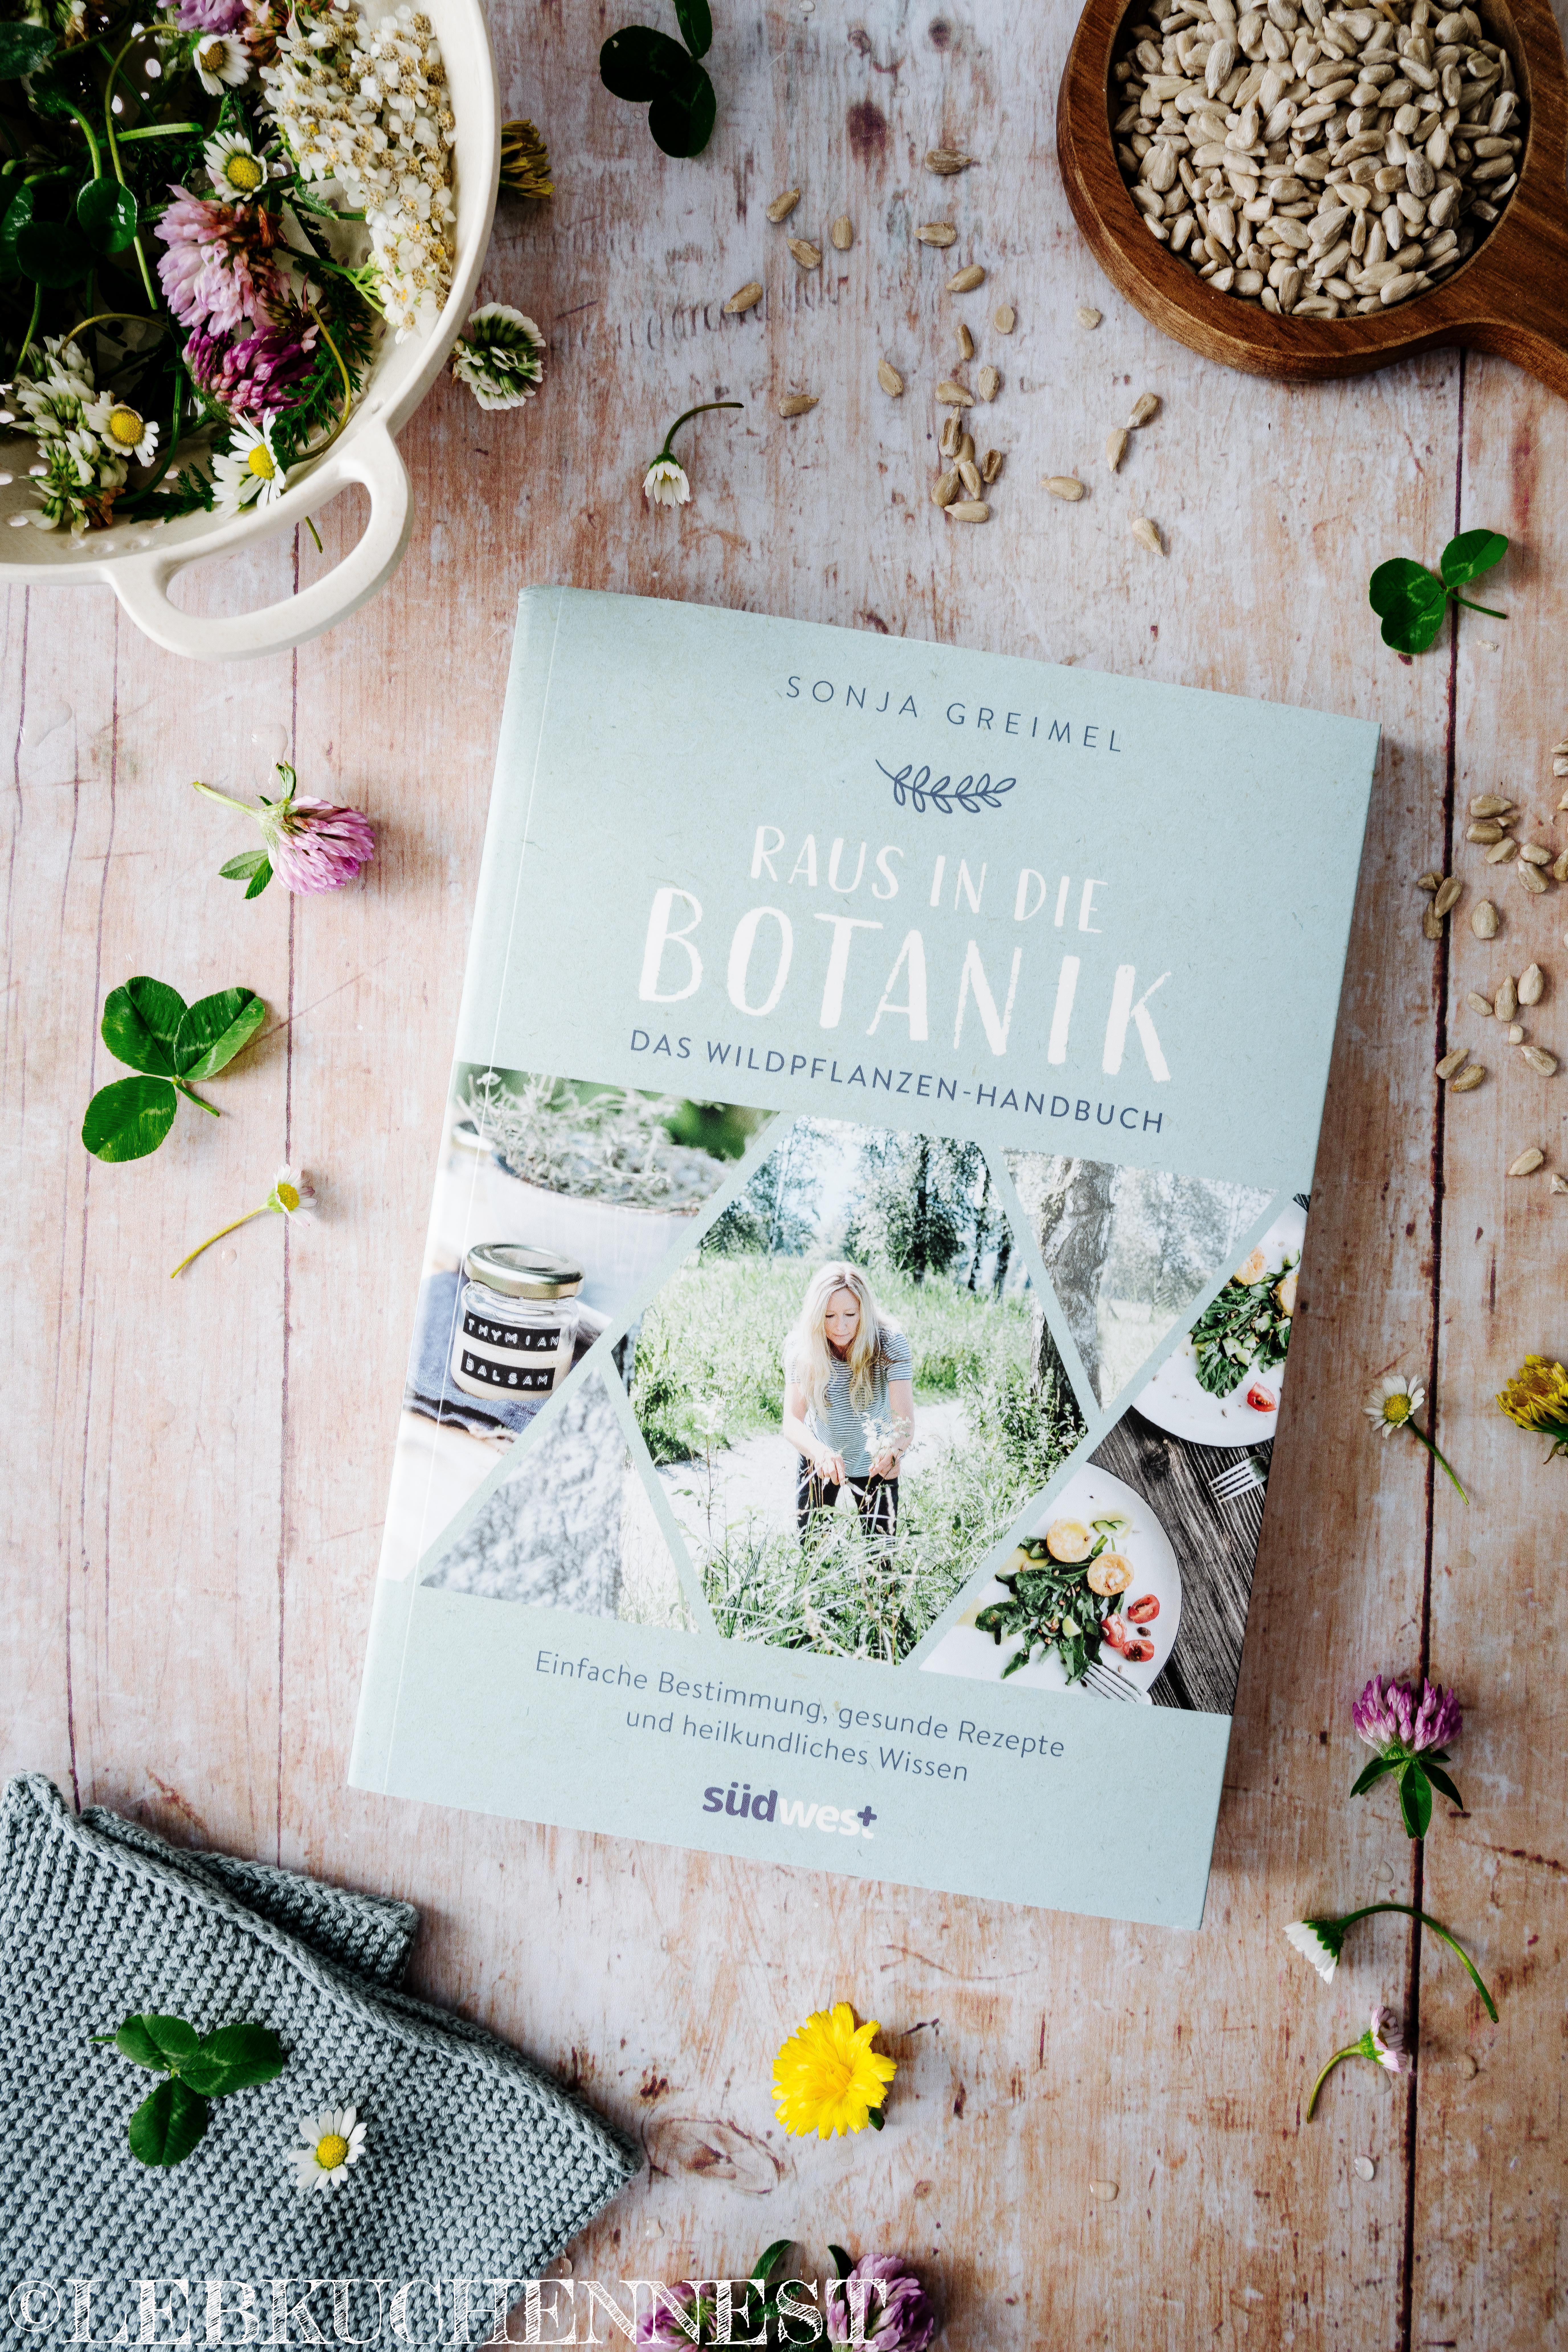 Buchcover - Raus in die Botanik